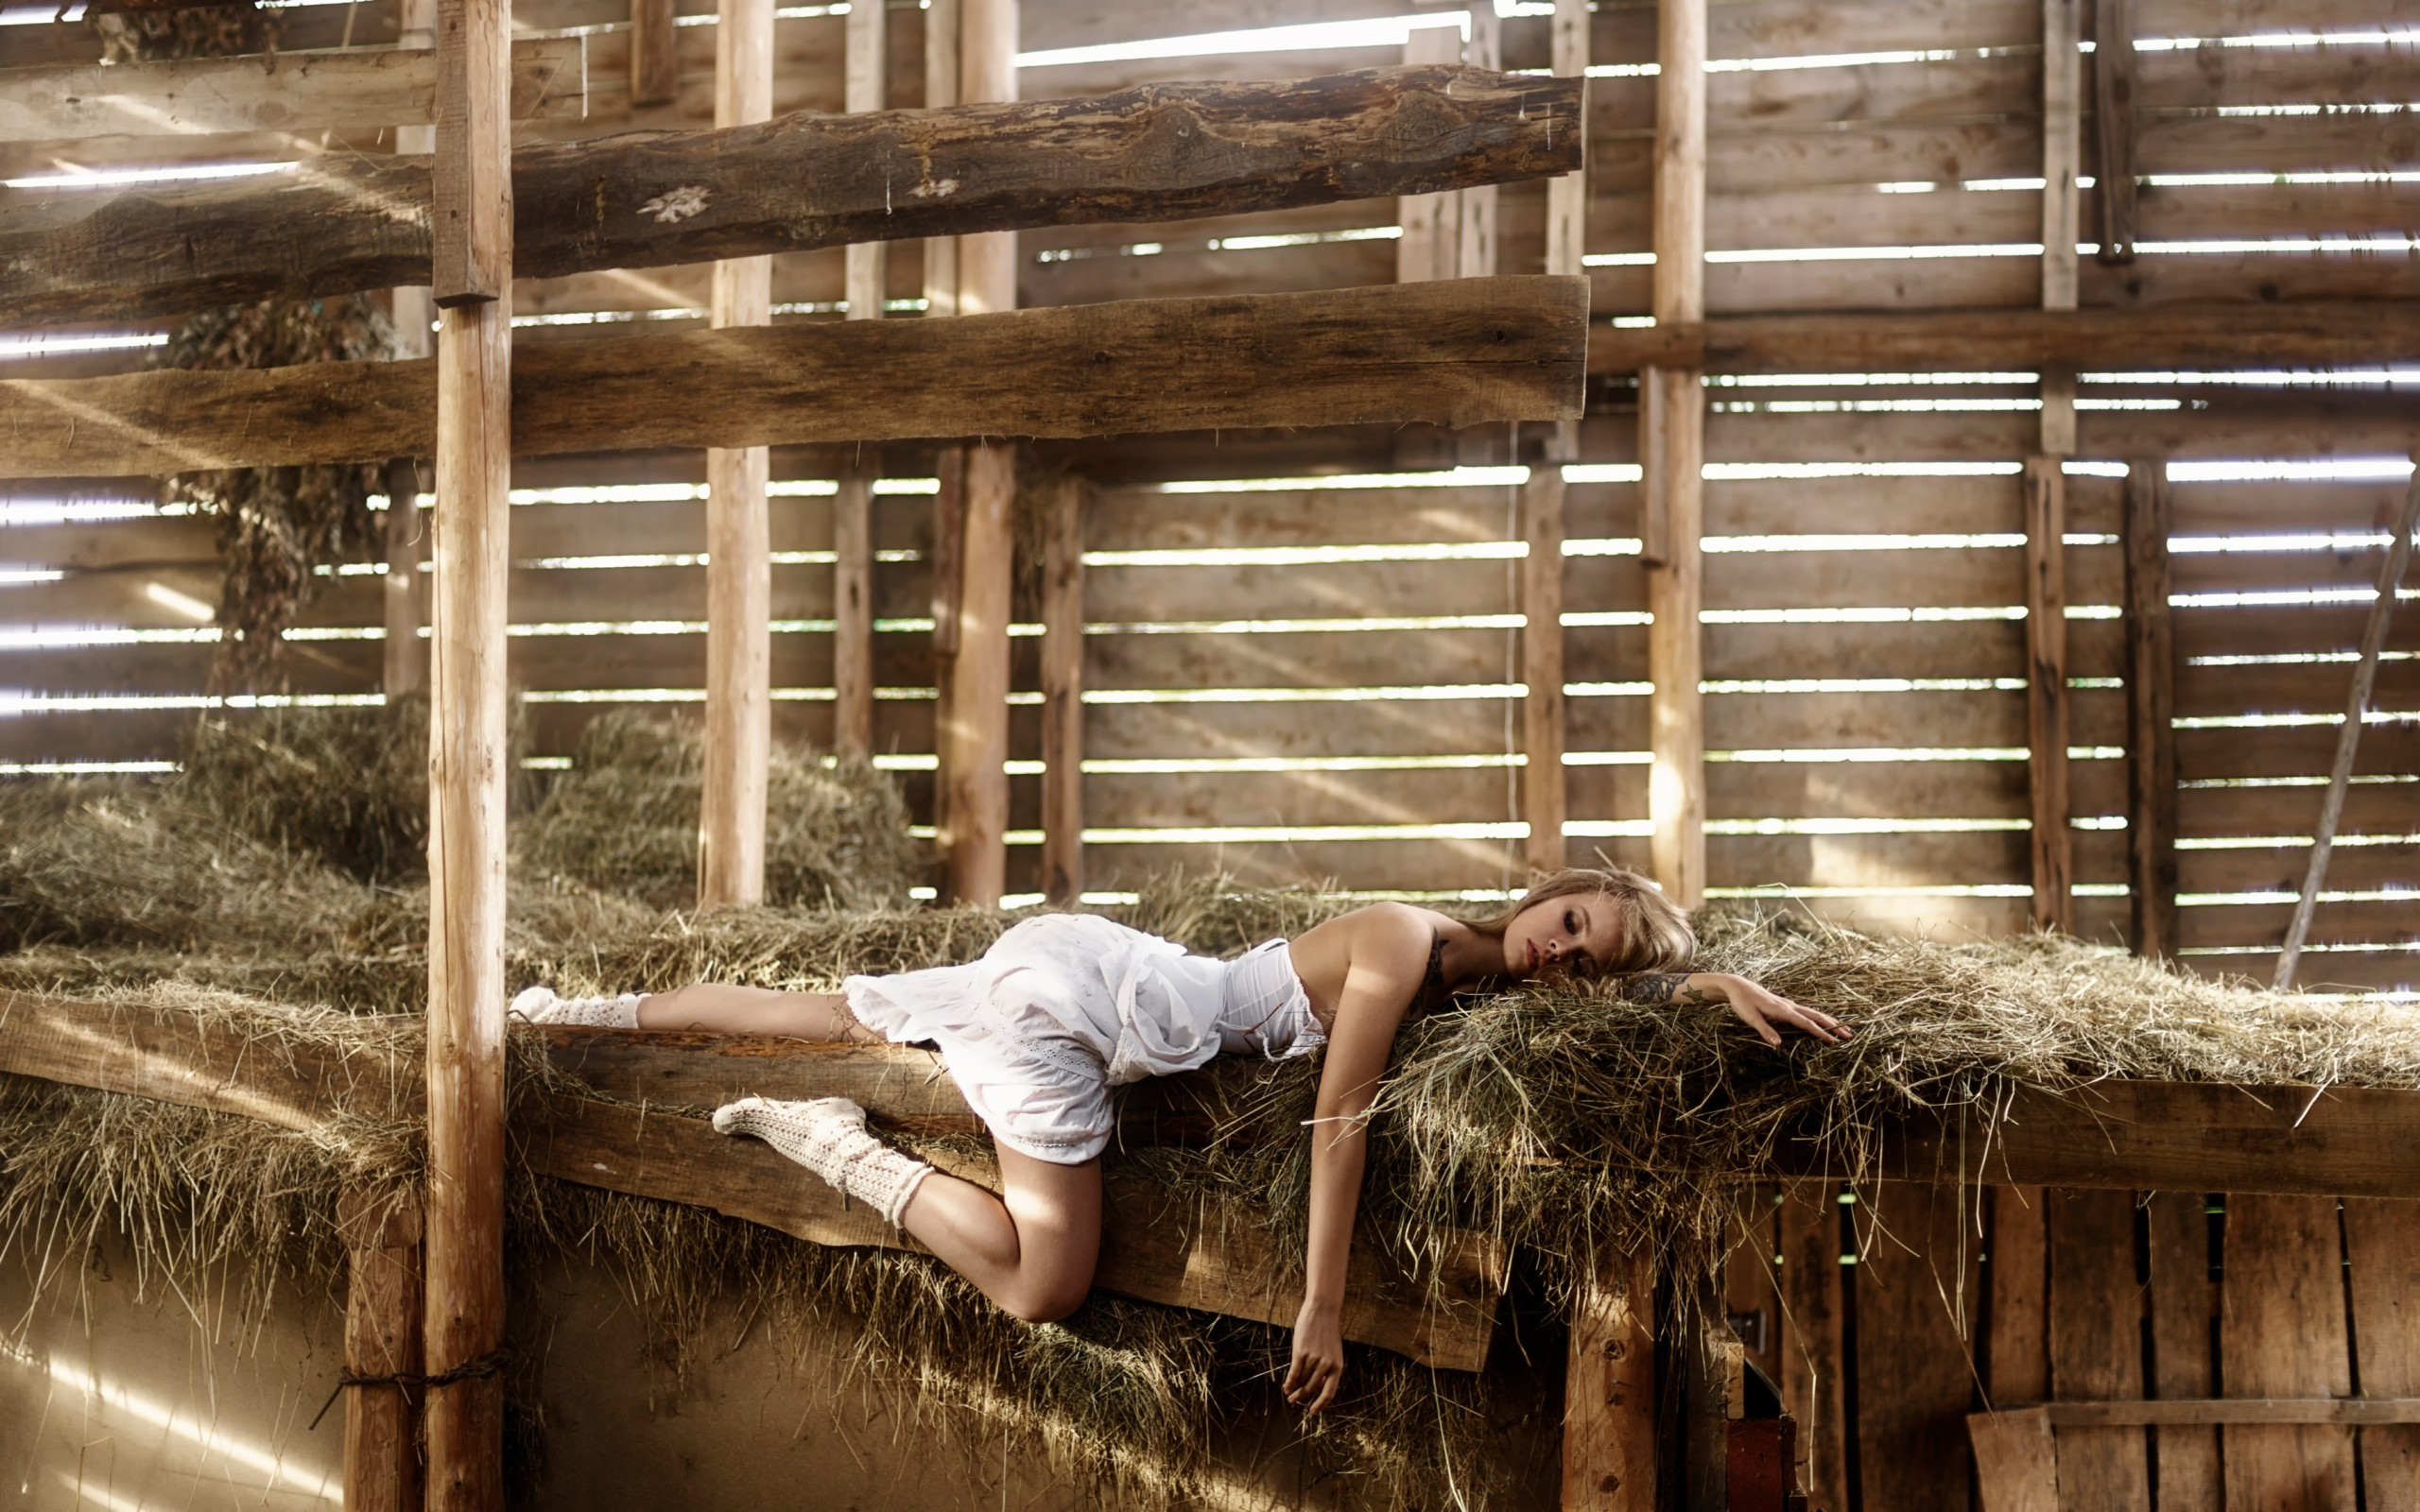 Секс в хлеву, Деревенское порно в деревне - Сельское с доярками на 3 фотография